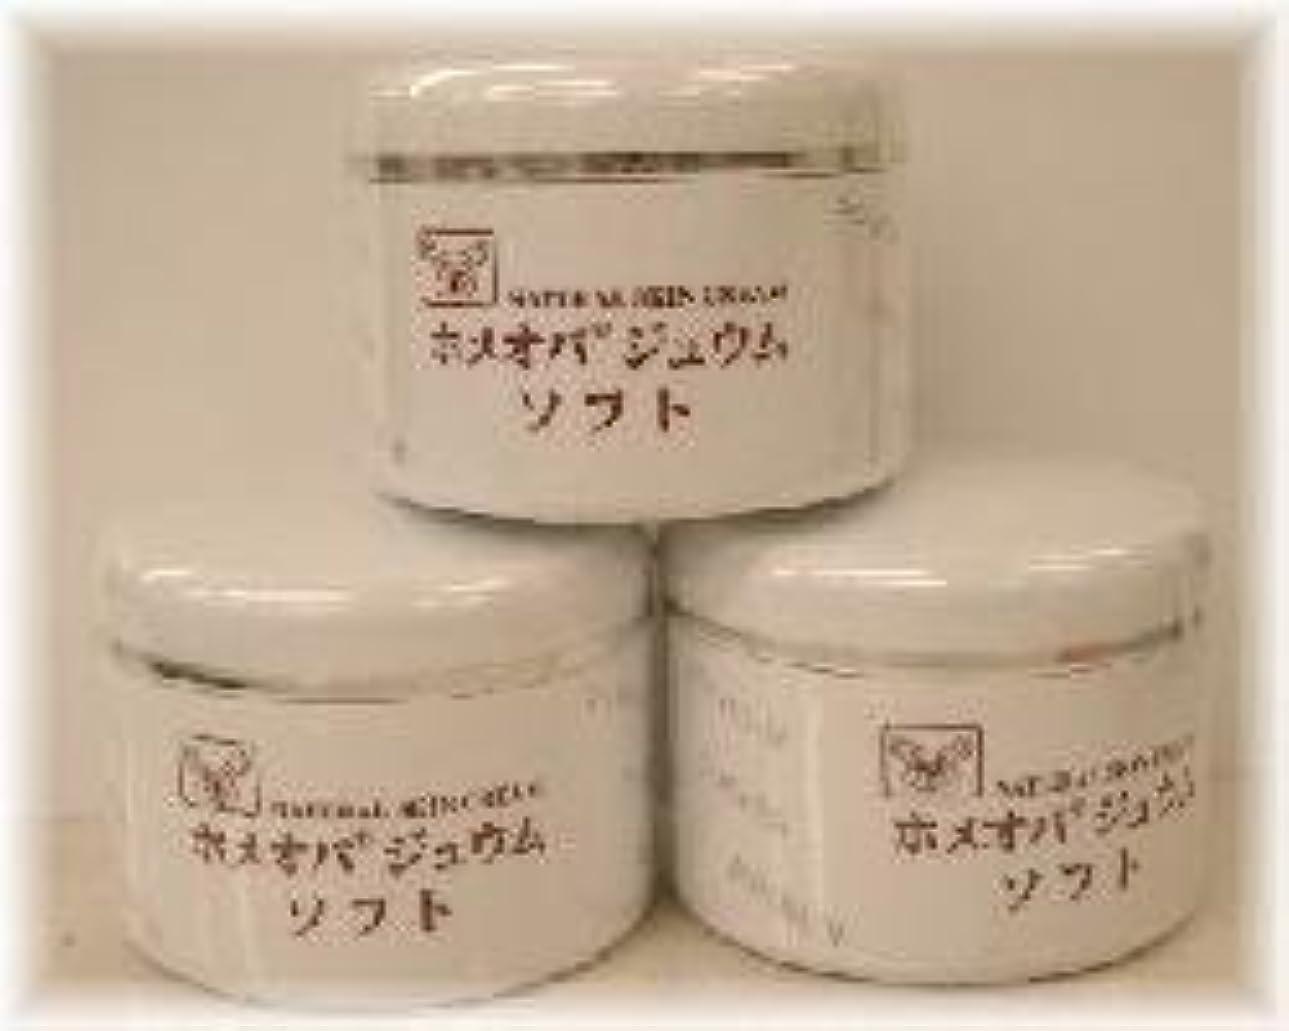 外国人バッチニックネームホメオパジュウム スキンケア商品3点¥10500クリームソフトx3個